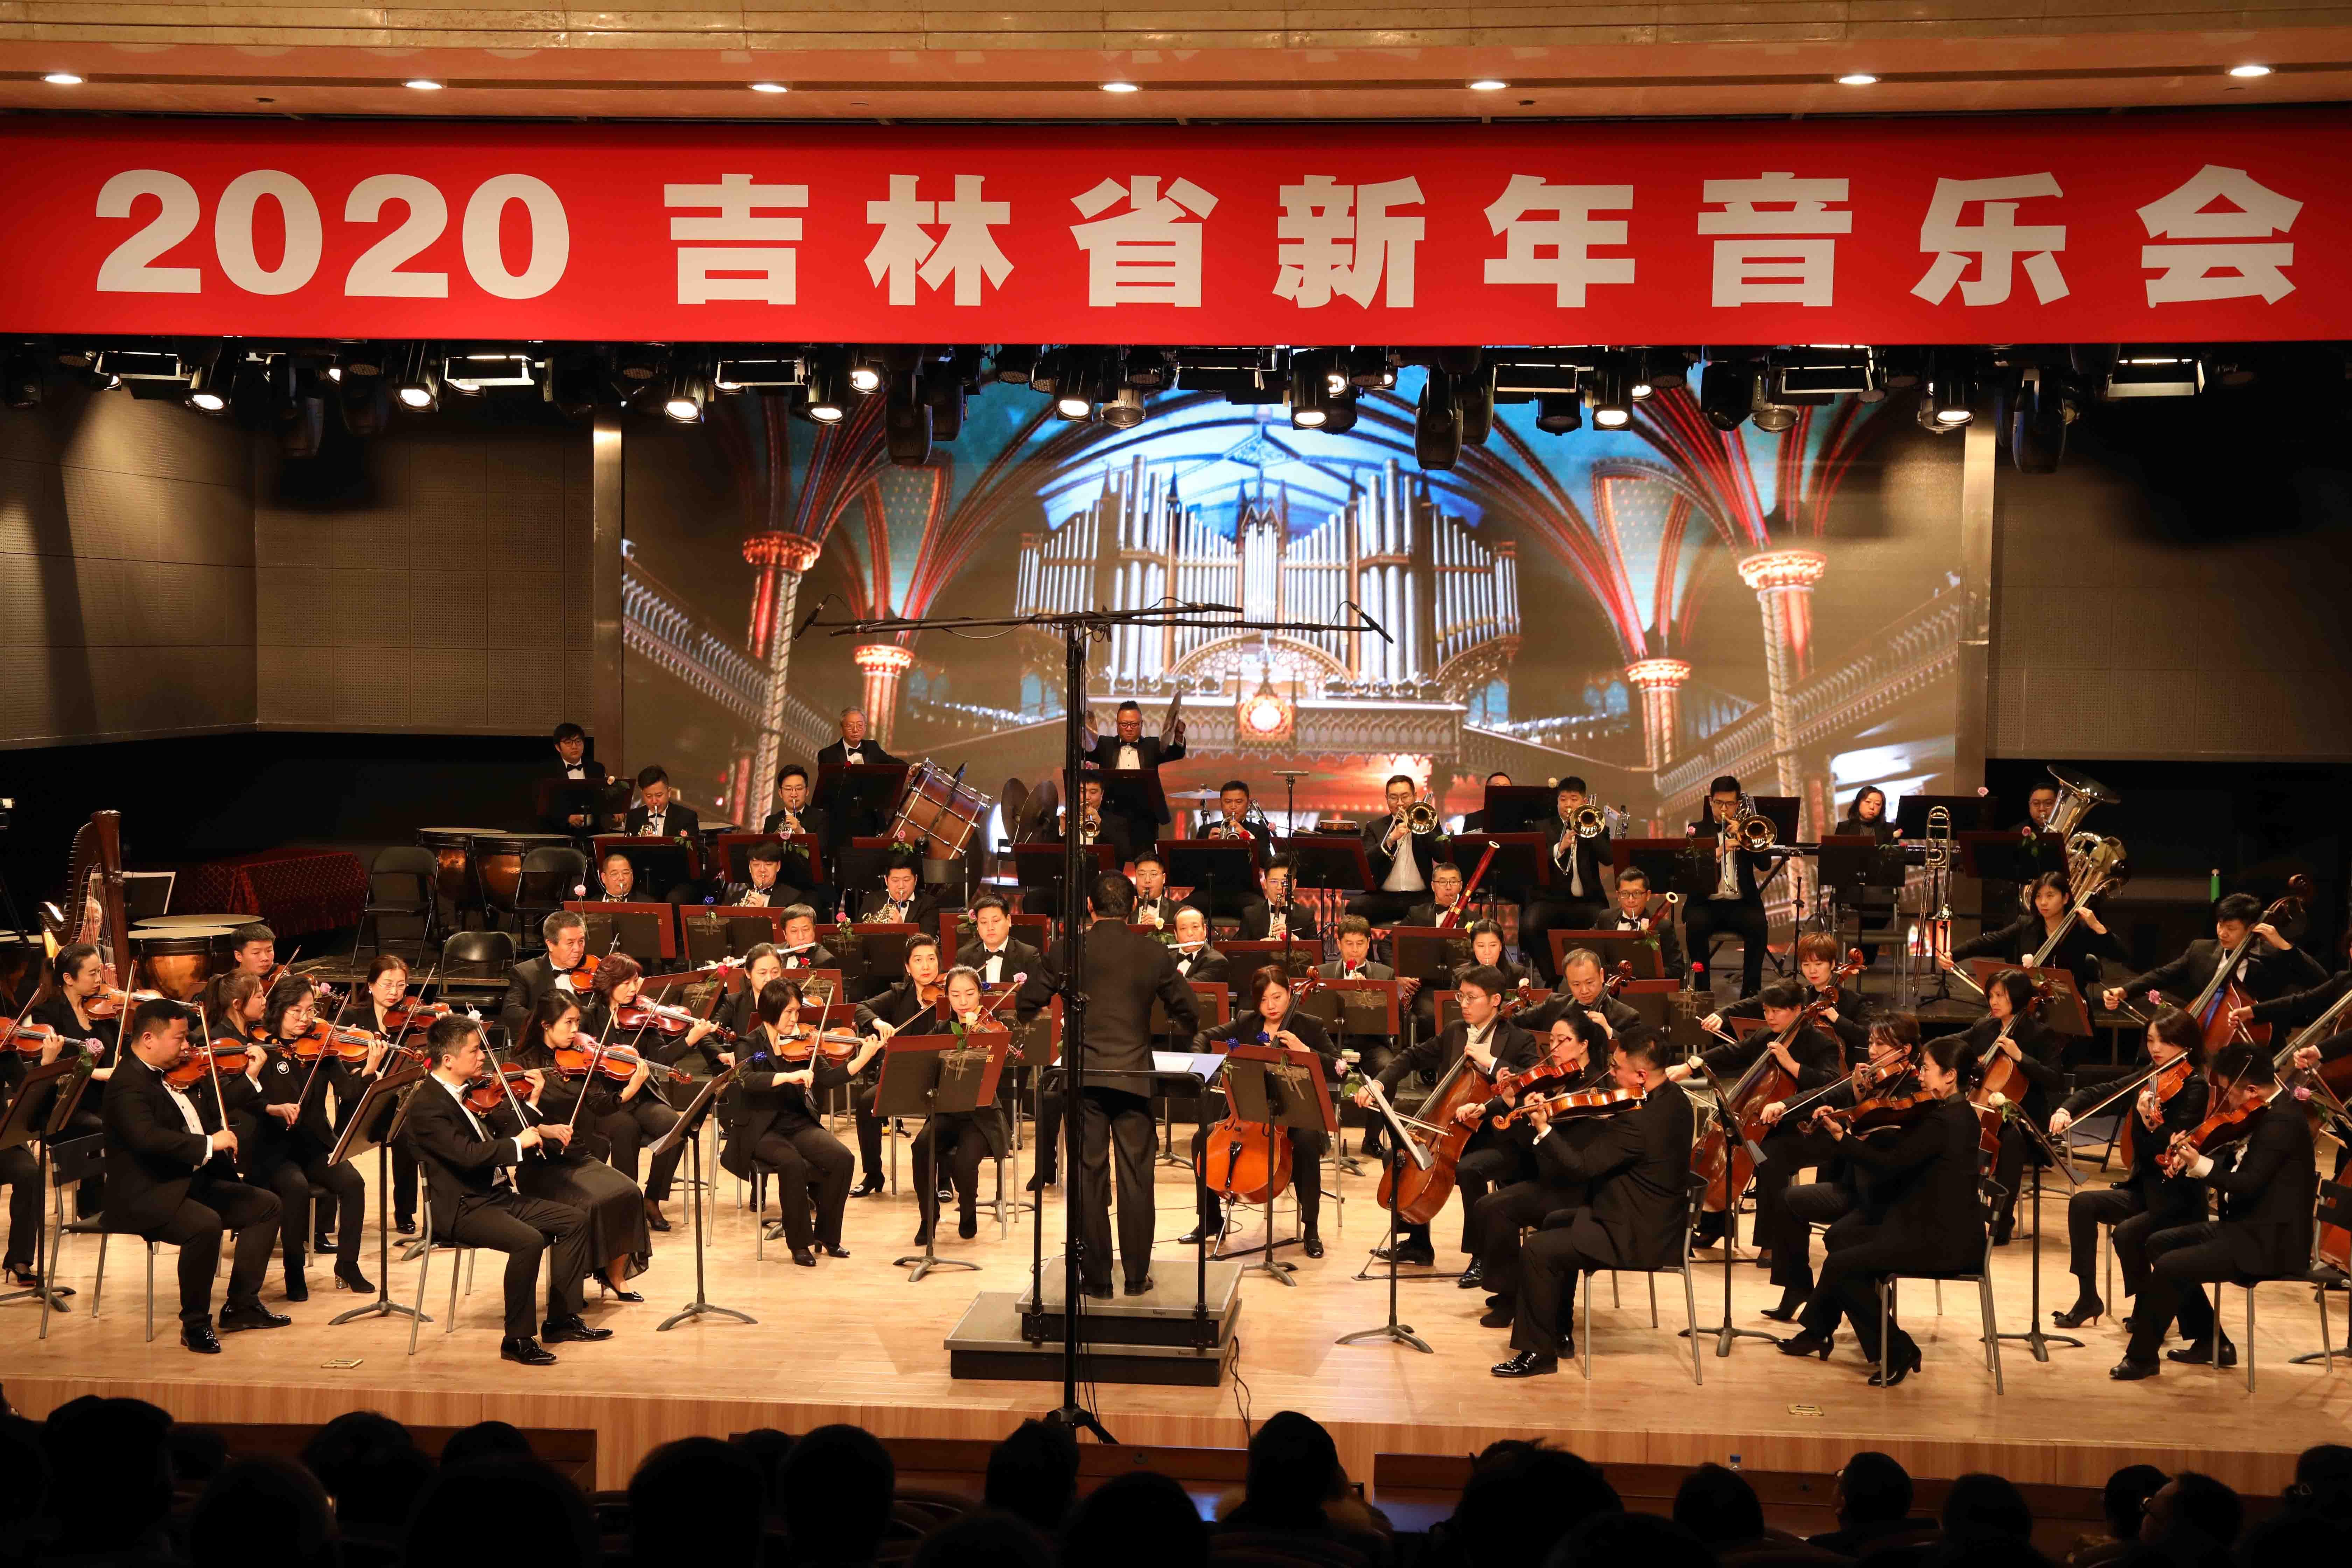 В библиотеке провинции Цзилинь состоялся новогодний музыкальный вечер 2020